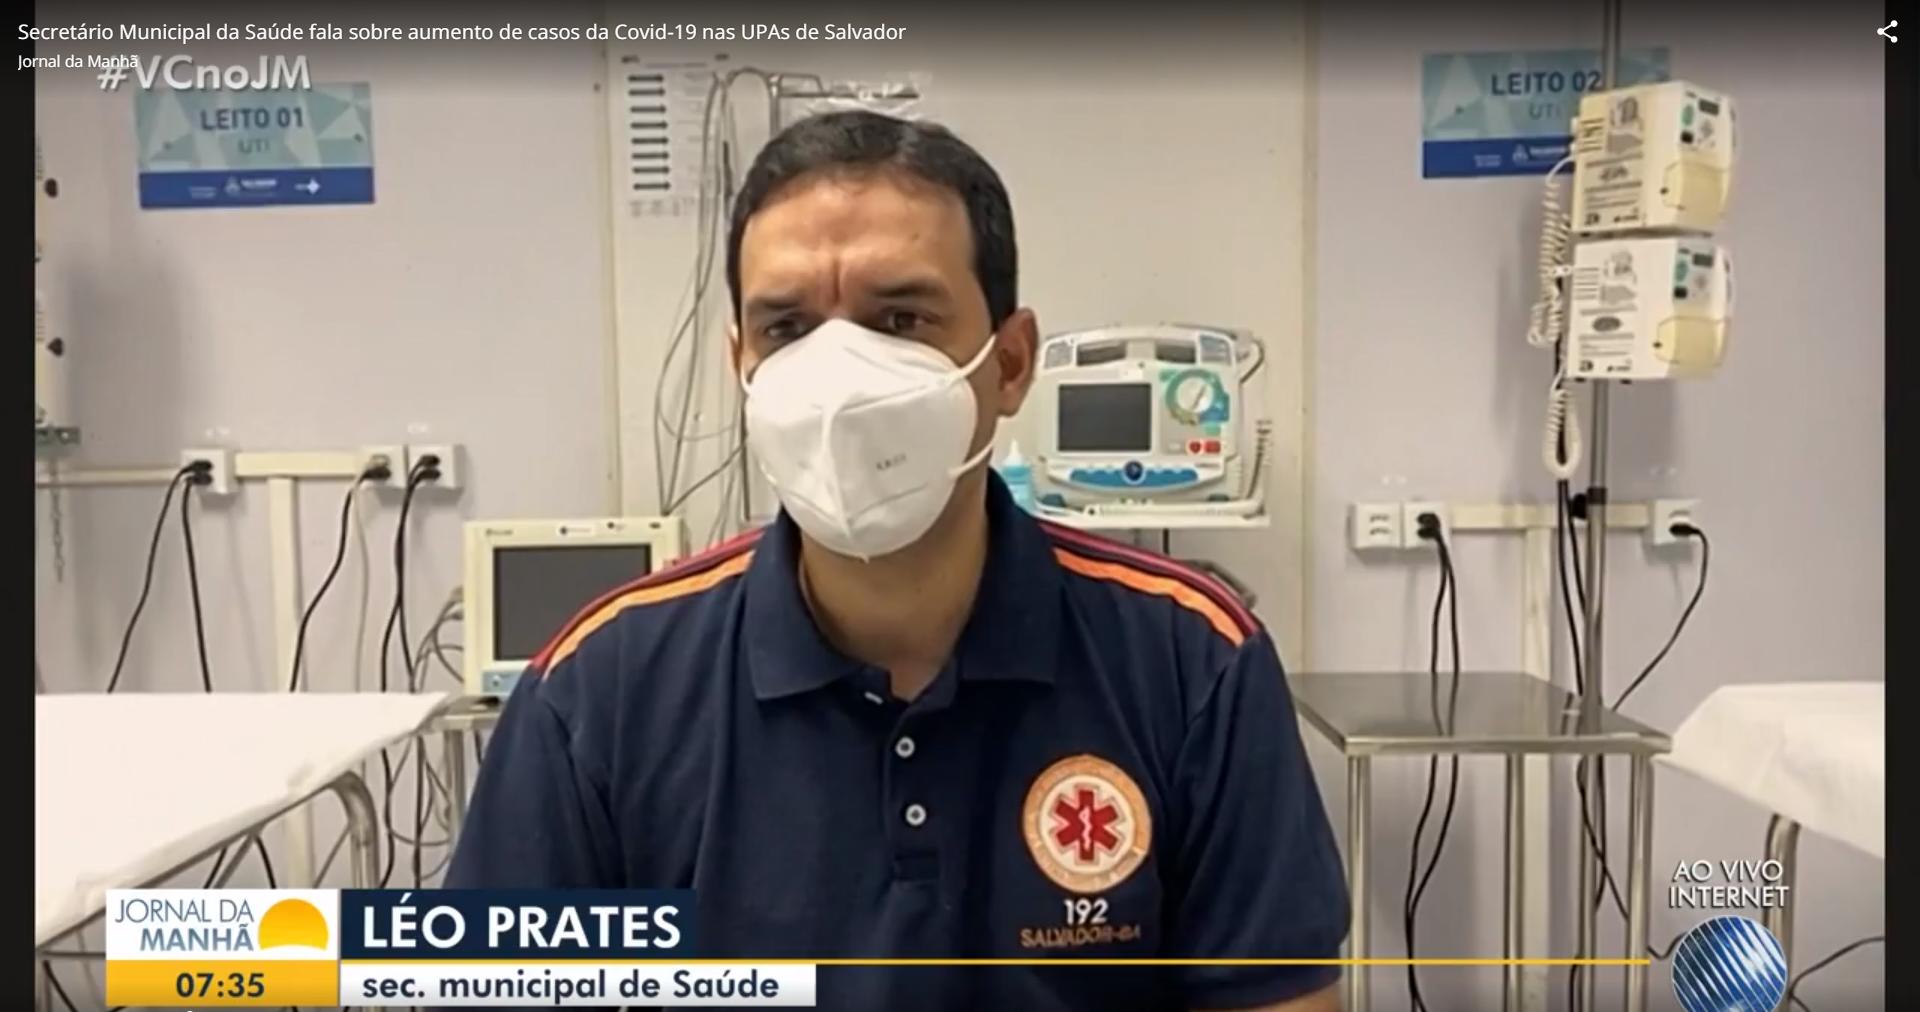 """IMAGEM: UPAs de Salvador em """"pré-colapso"""", diz secretário de Saúde"""